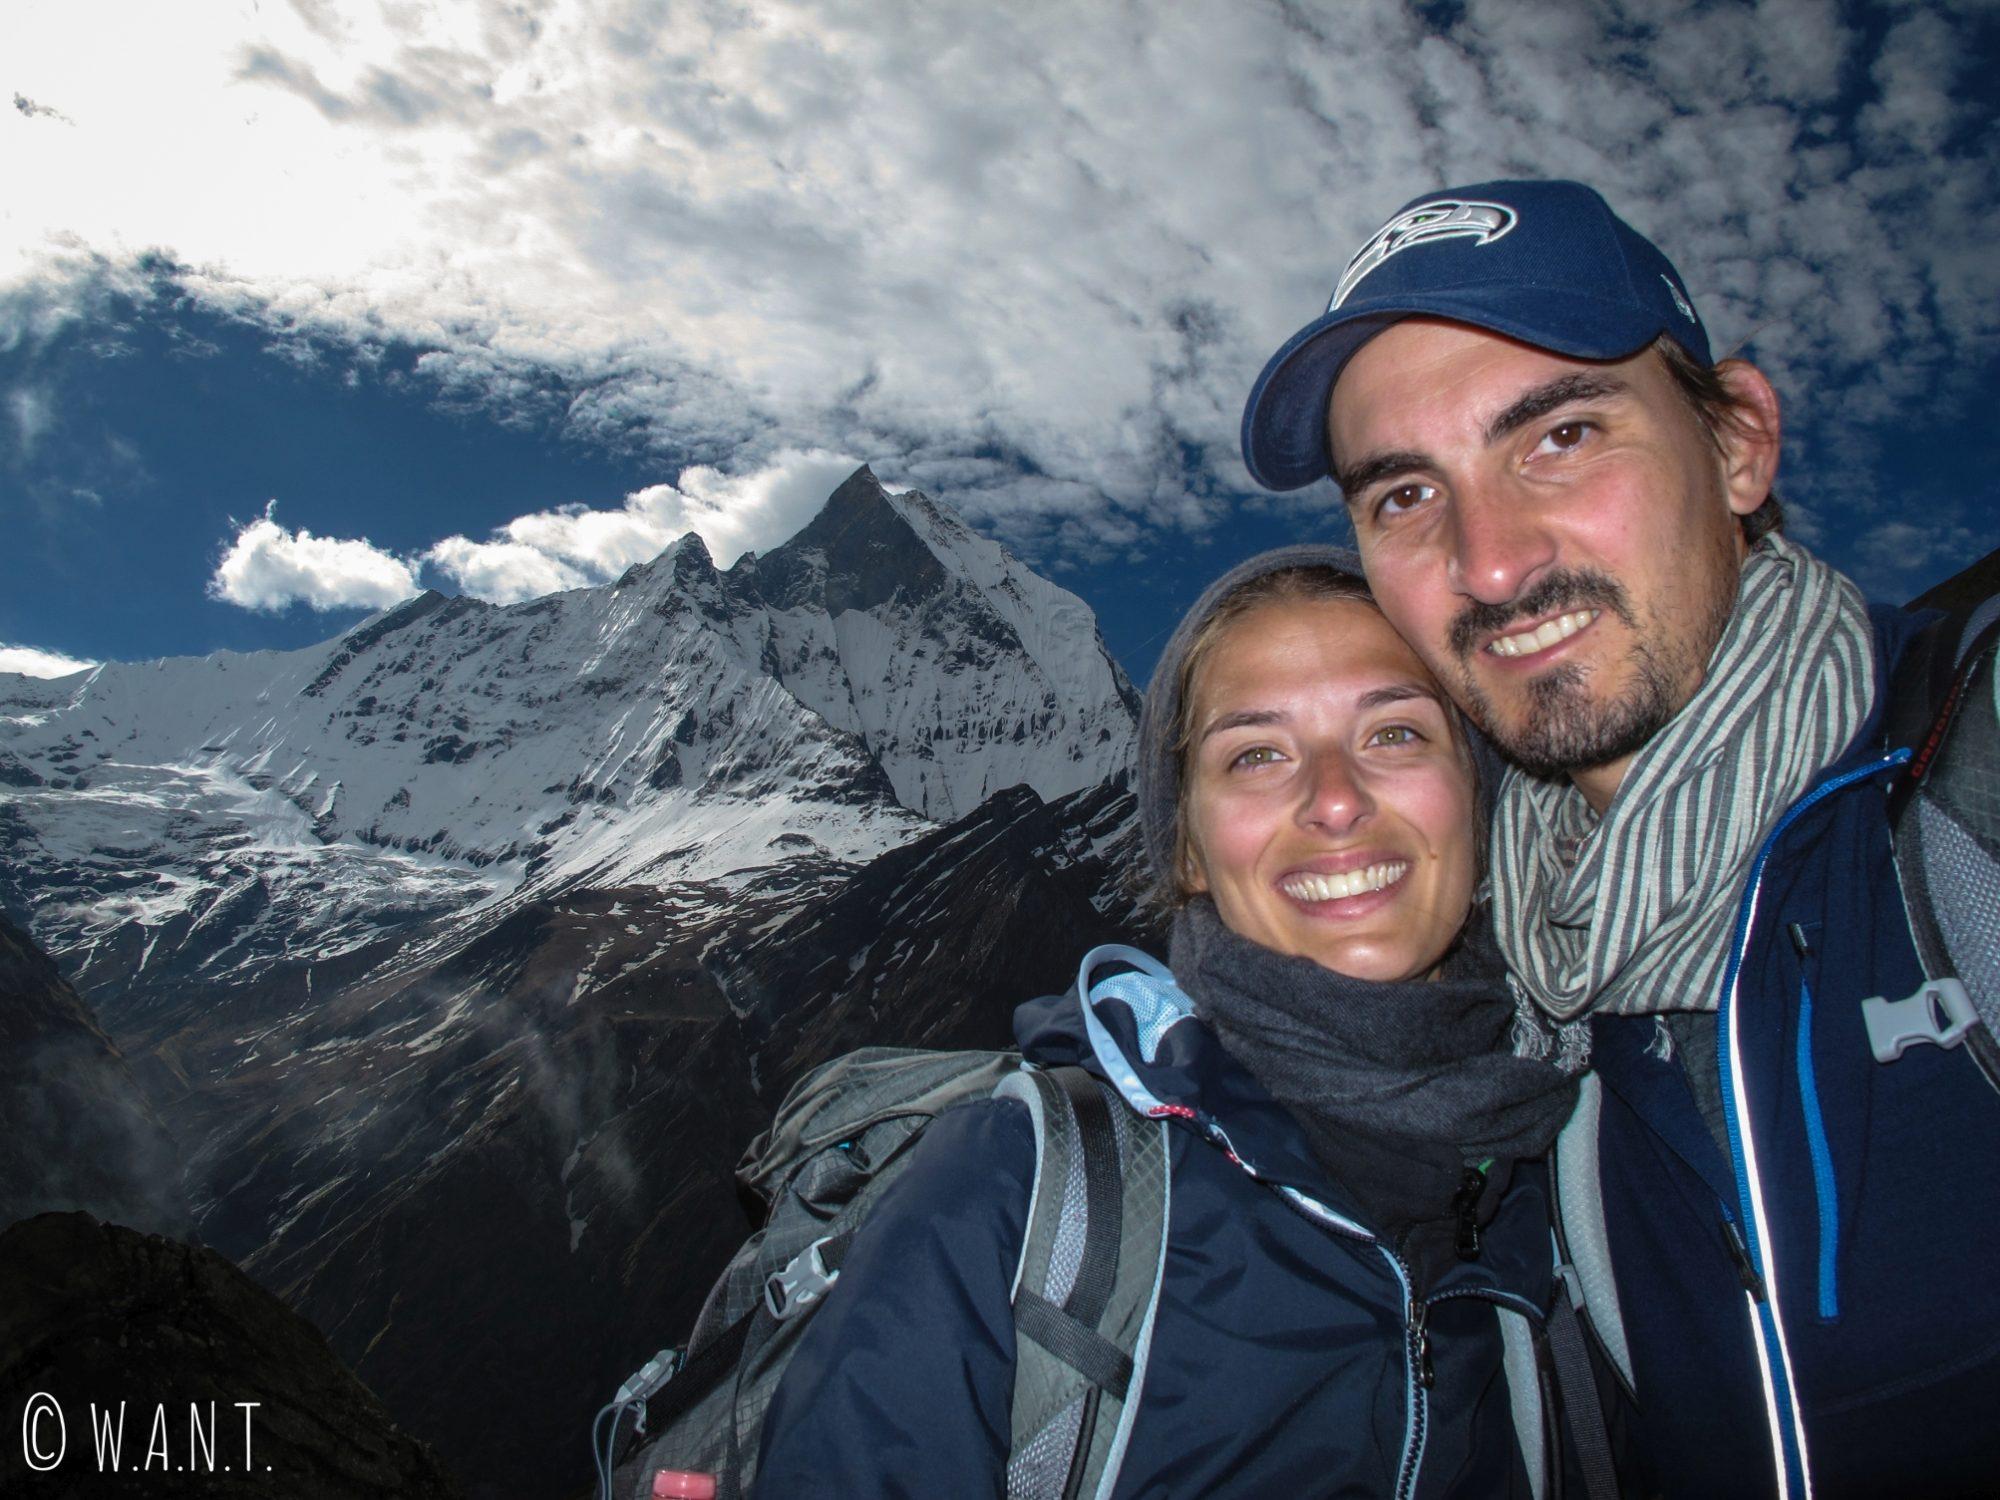 Selfie devant le Machhapuchhre, aussi magnifique que sacré